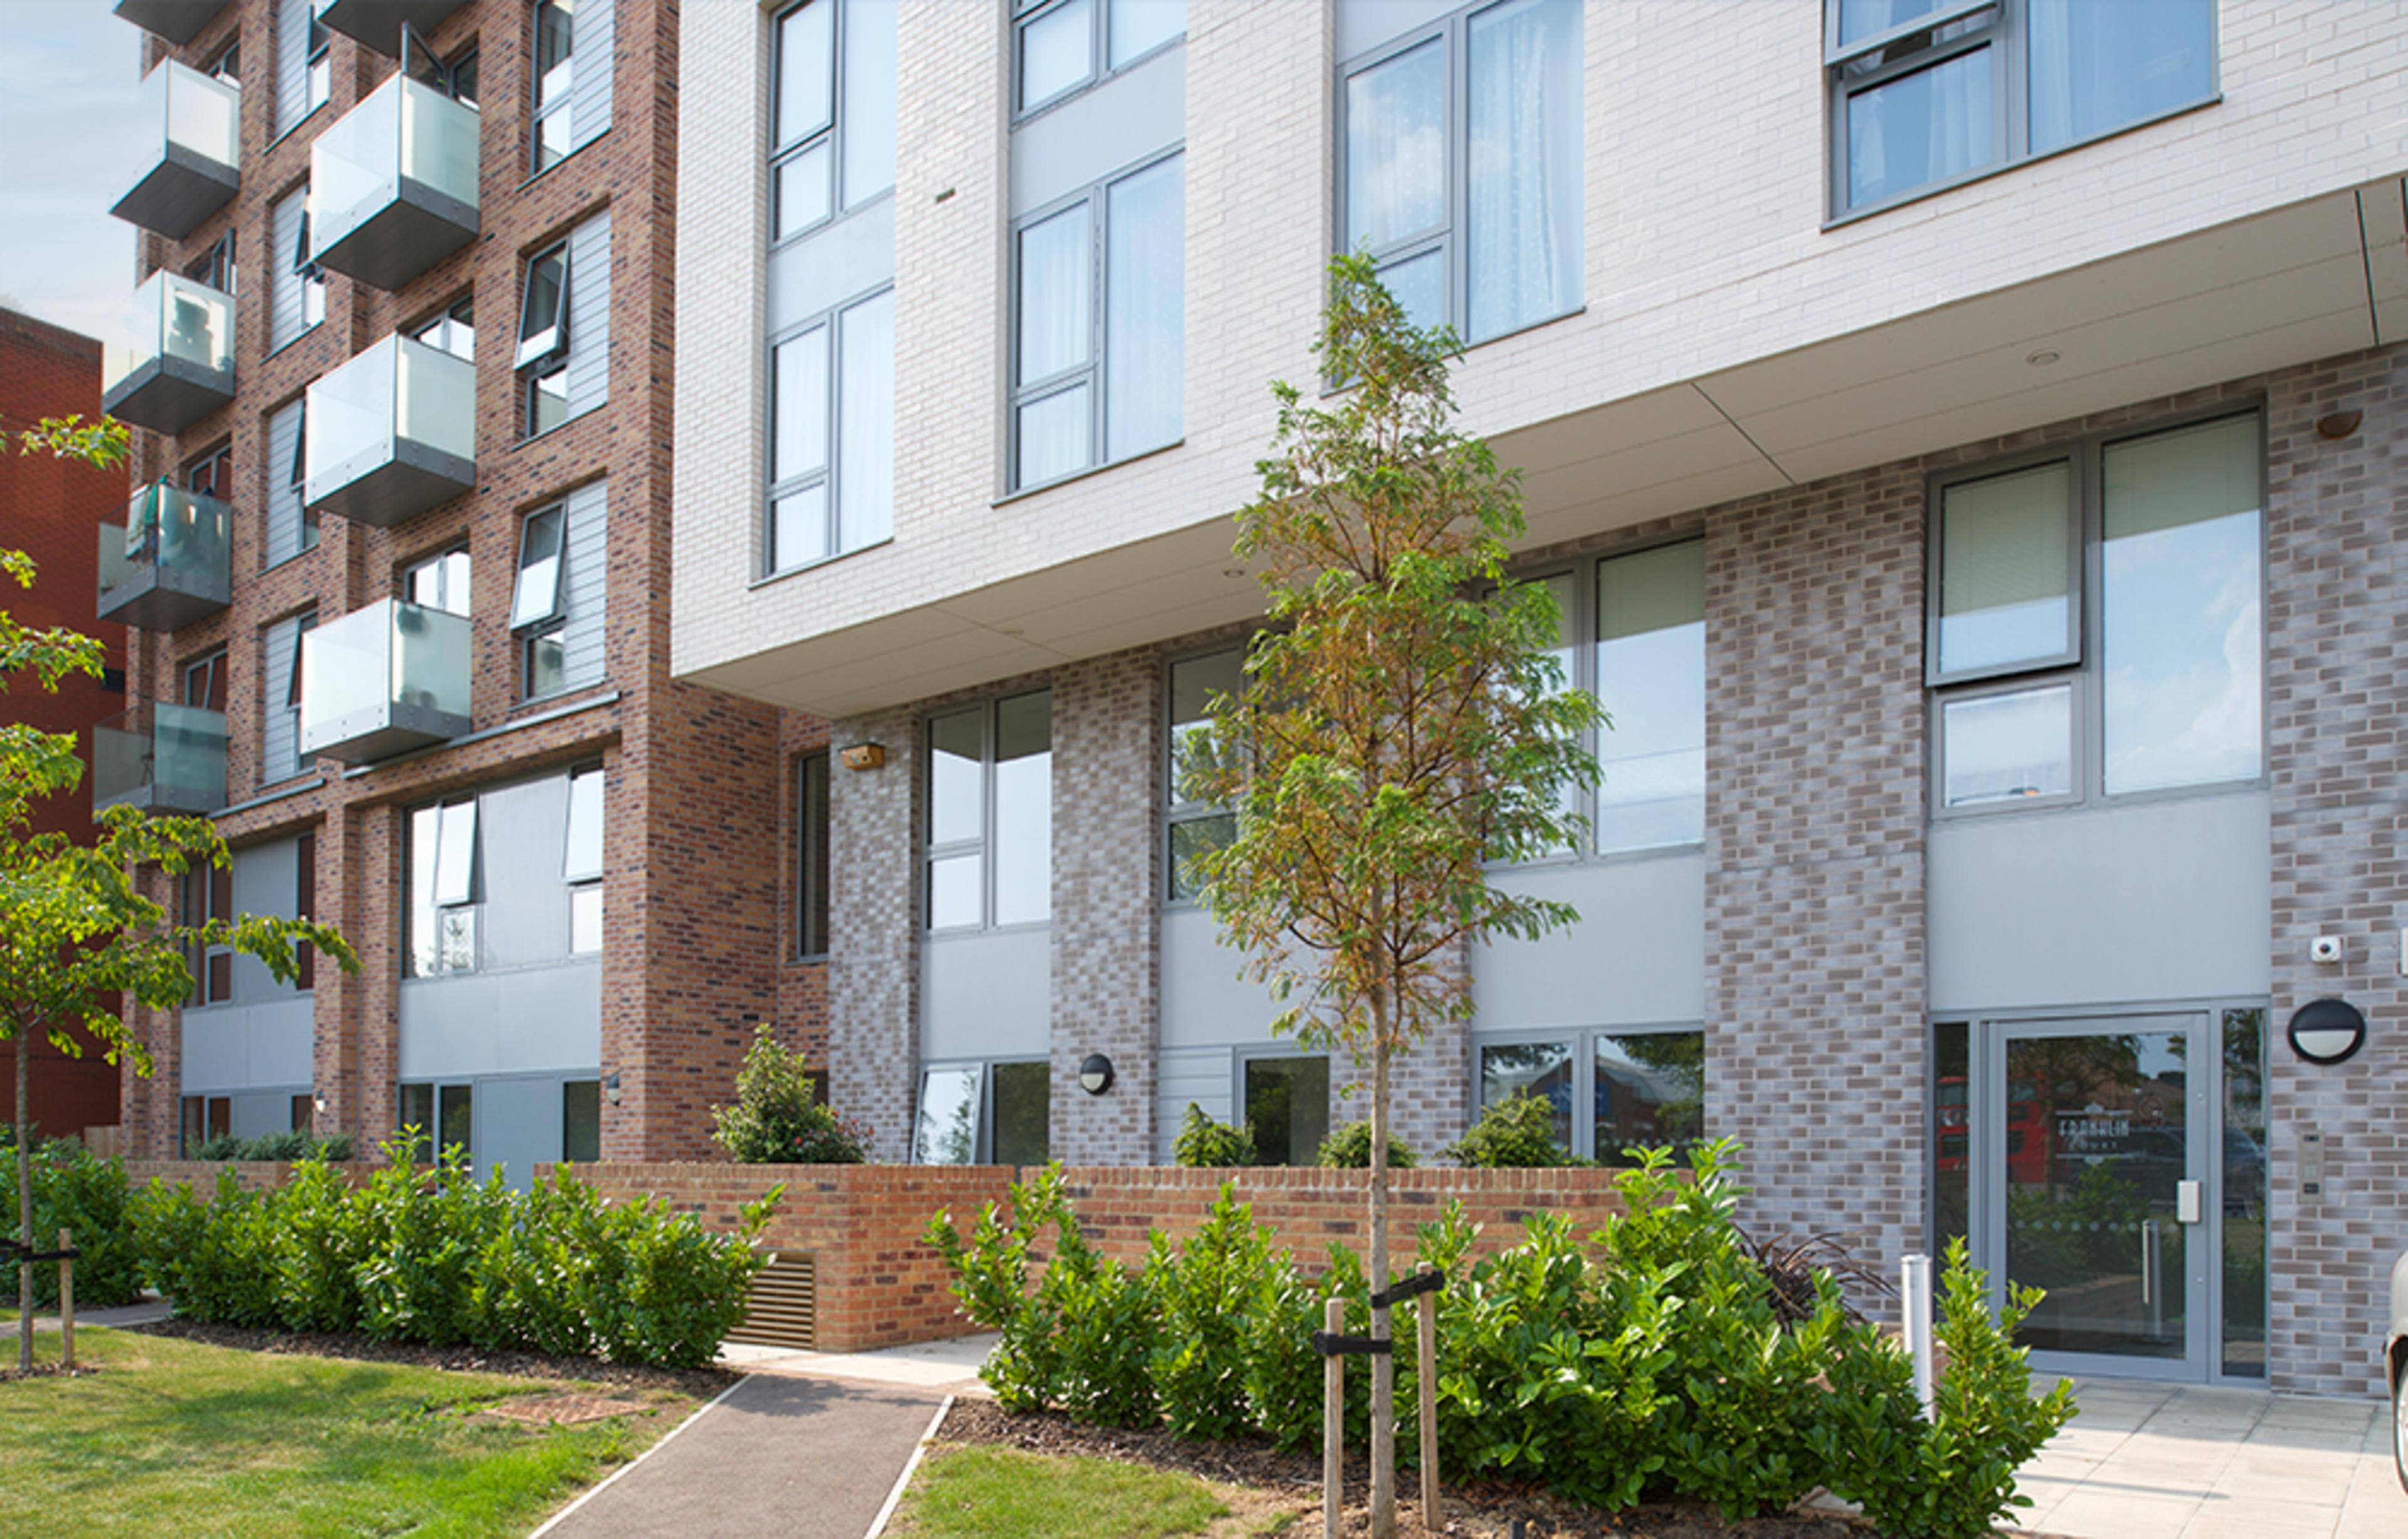 franklin-court-borehamwood-development-external-building-2